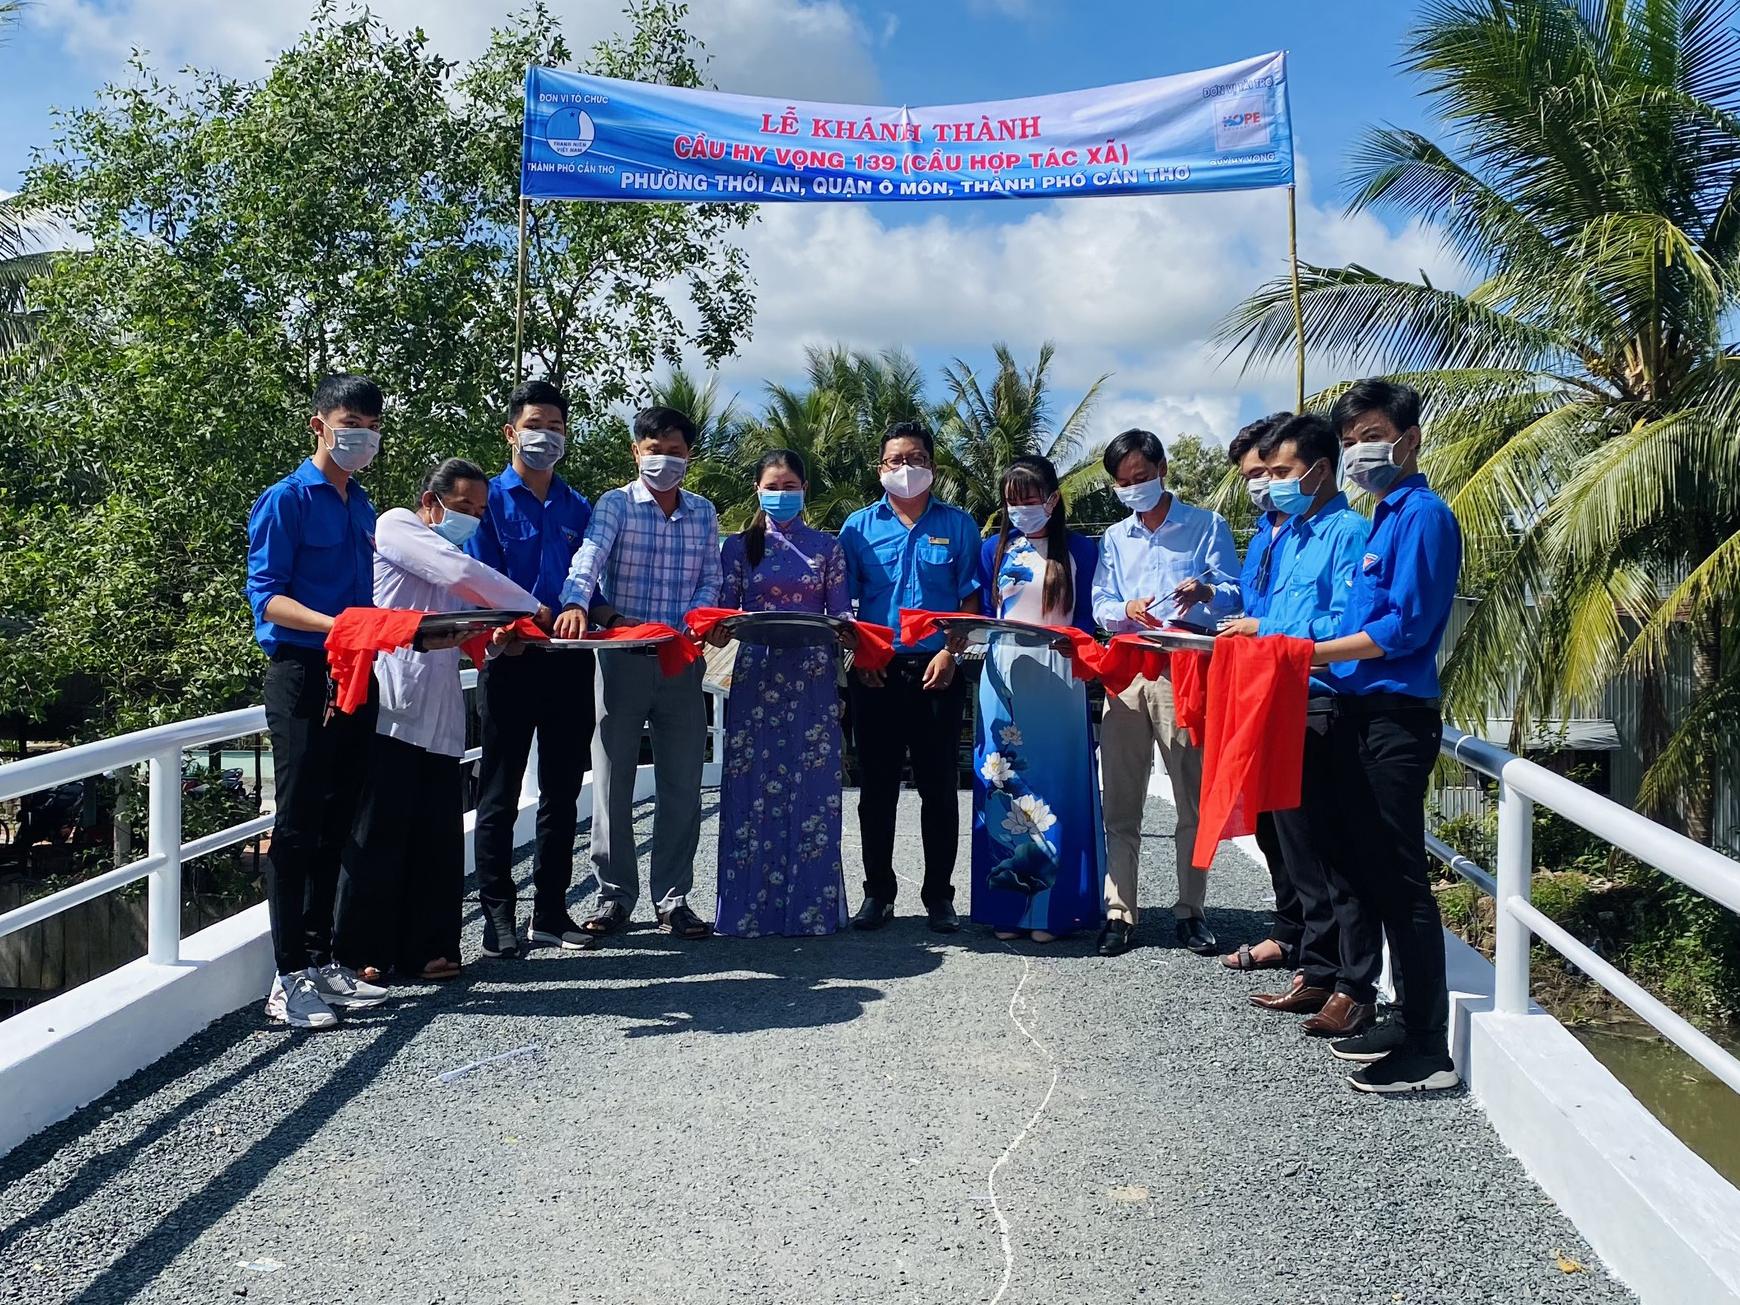 Lễ khánh thành cầu Hy Vọng 139 tại phường Thới An, quận Ô Môn, TP Cần Thơ. Ảnh: Tiến Danh.